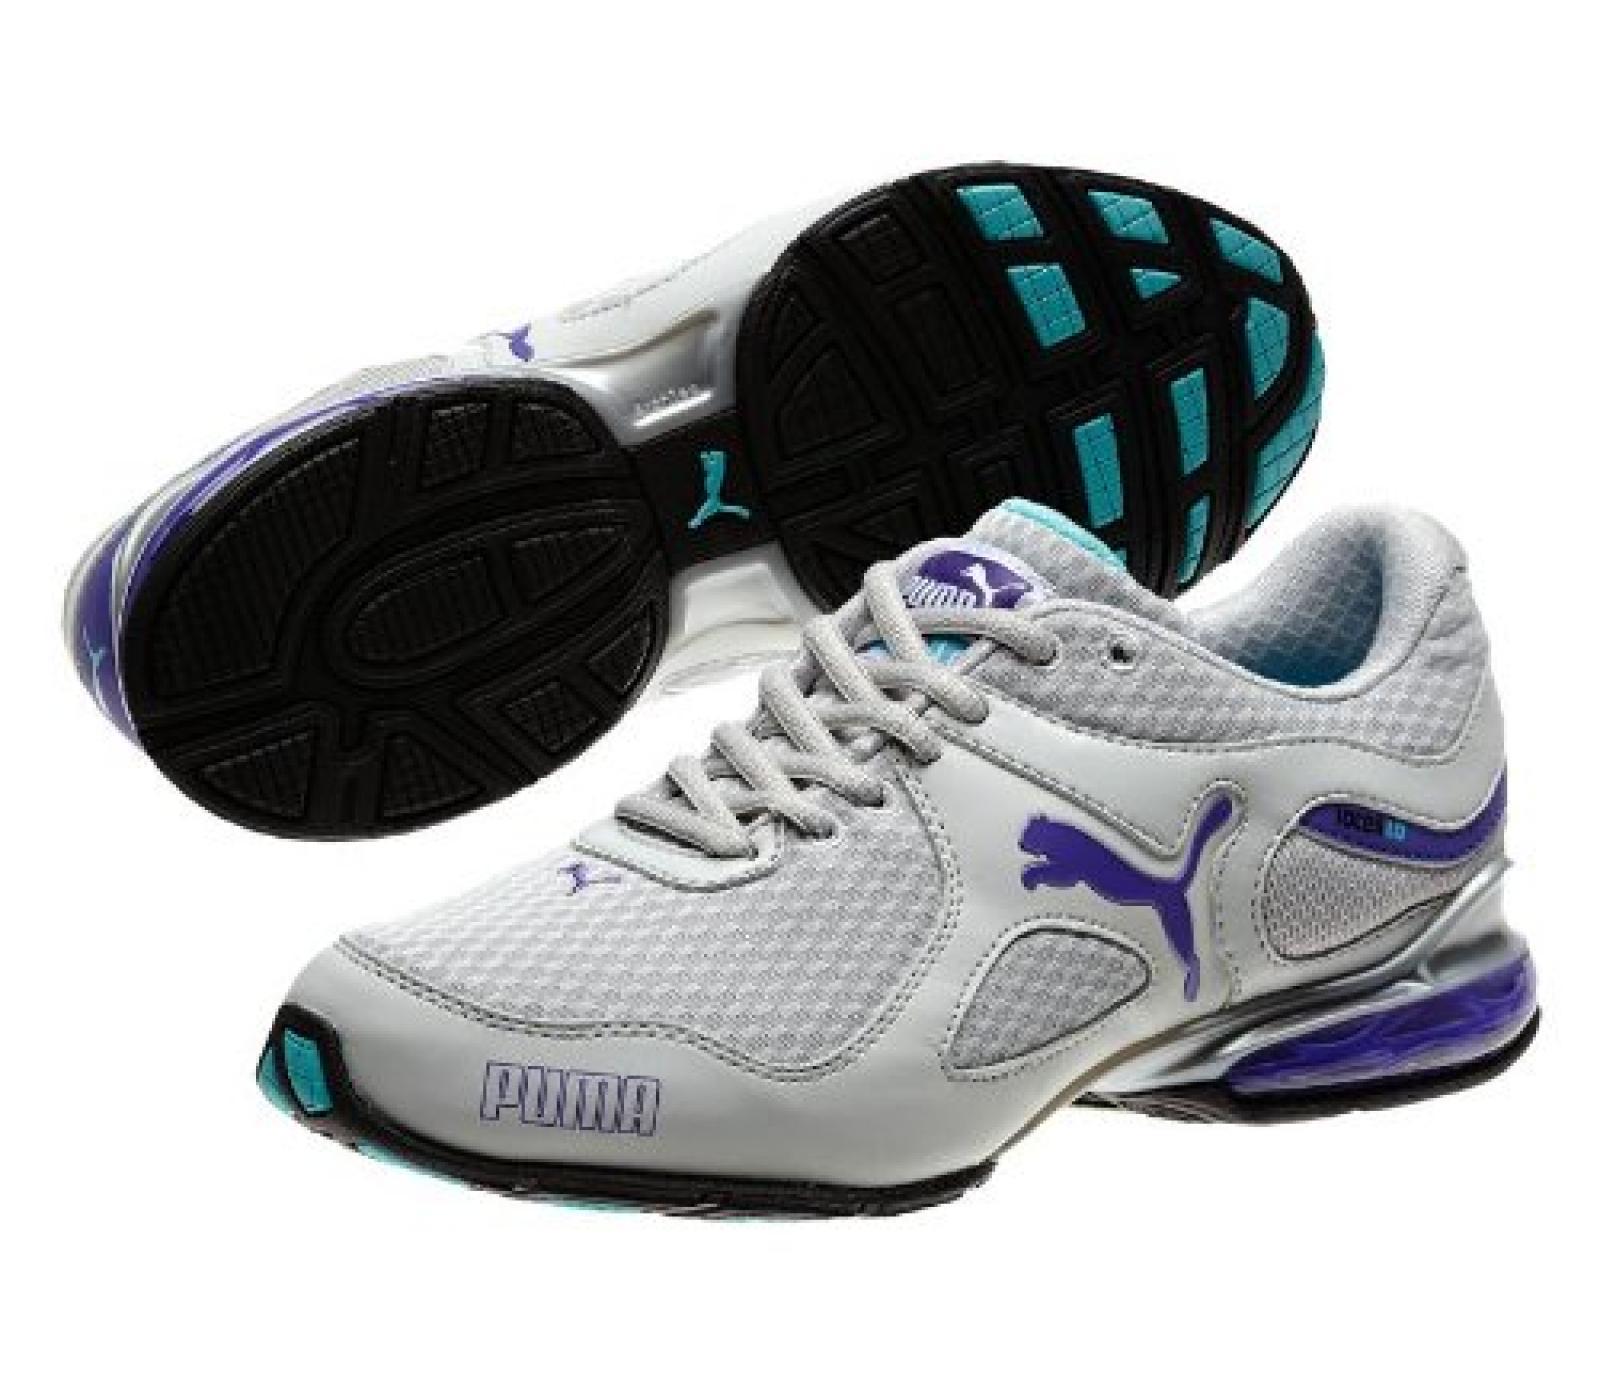 Puma - - Damen-Schuhe Zell Riaze